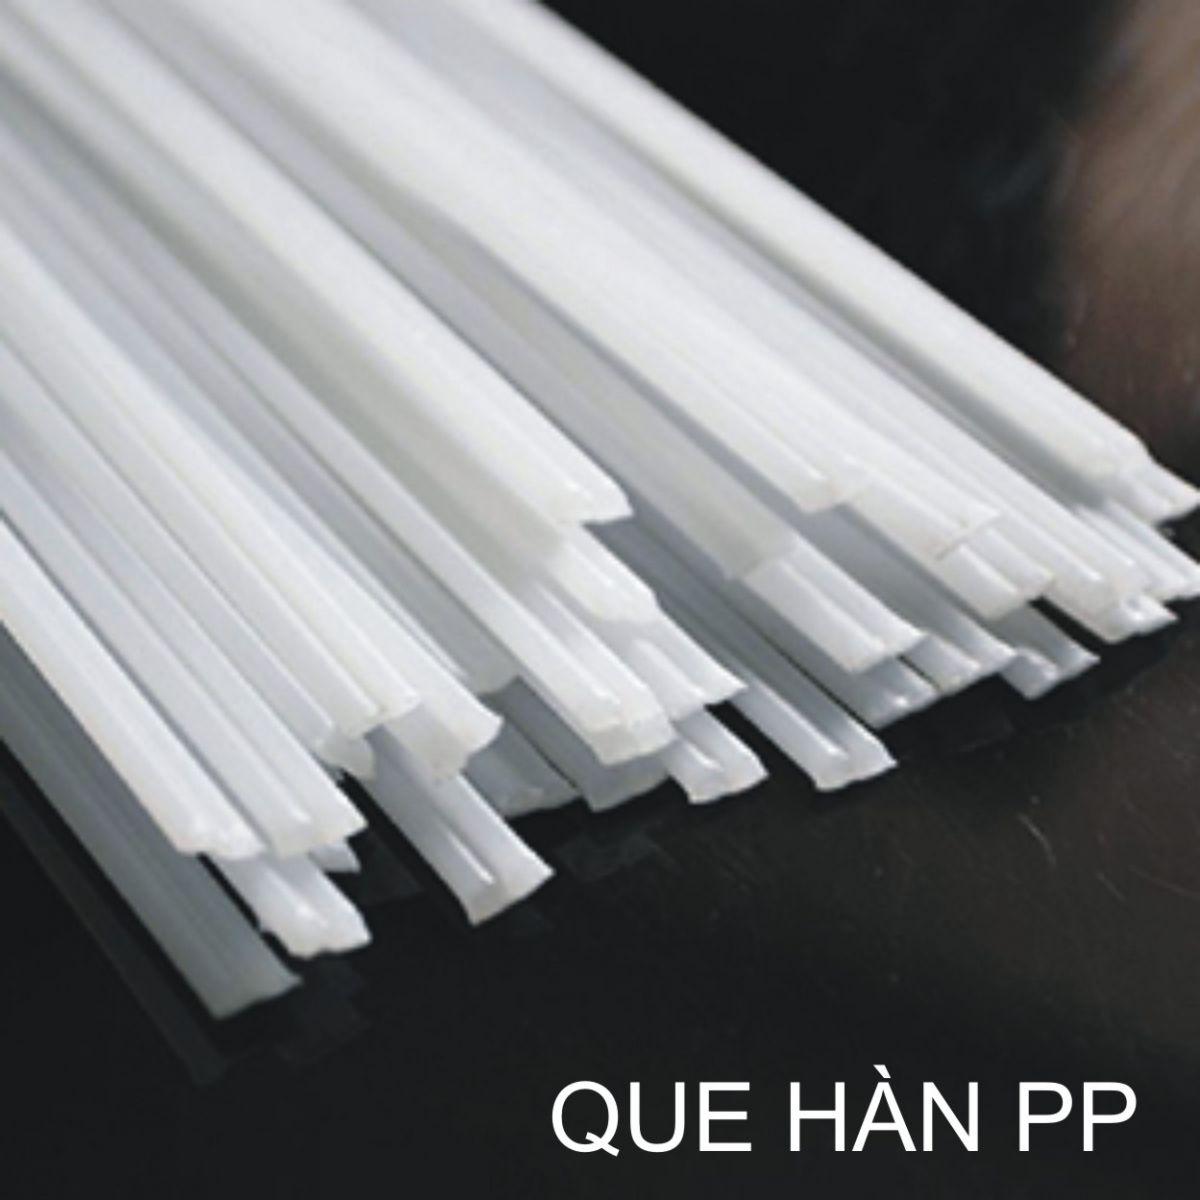 Que hàn PP